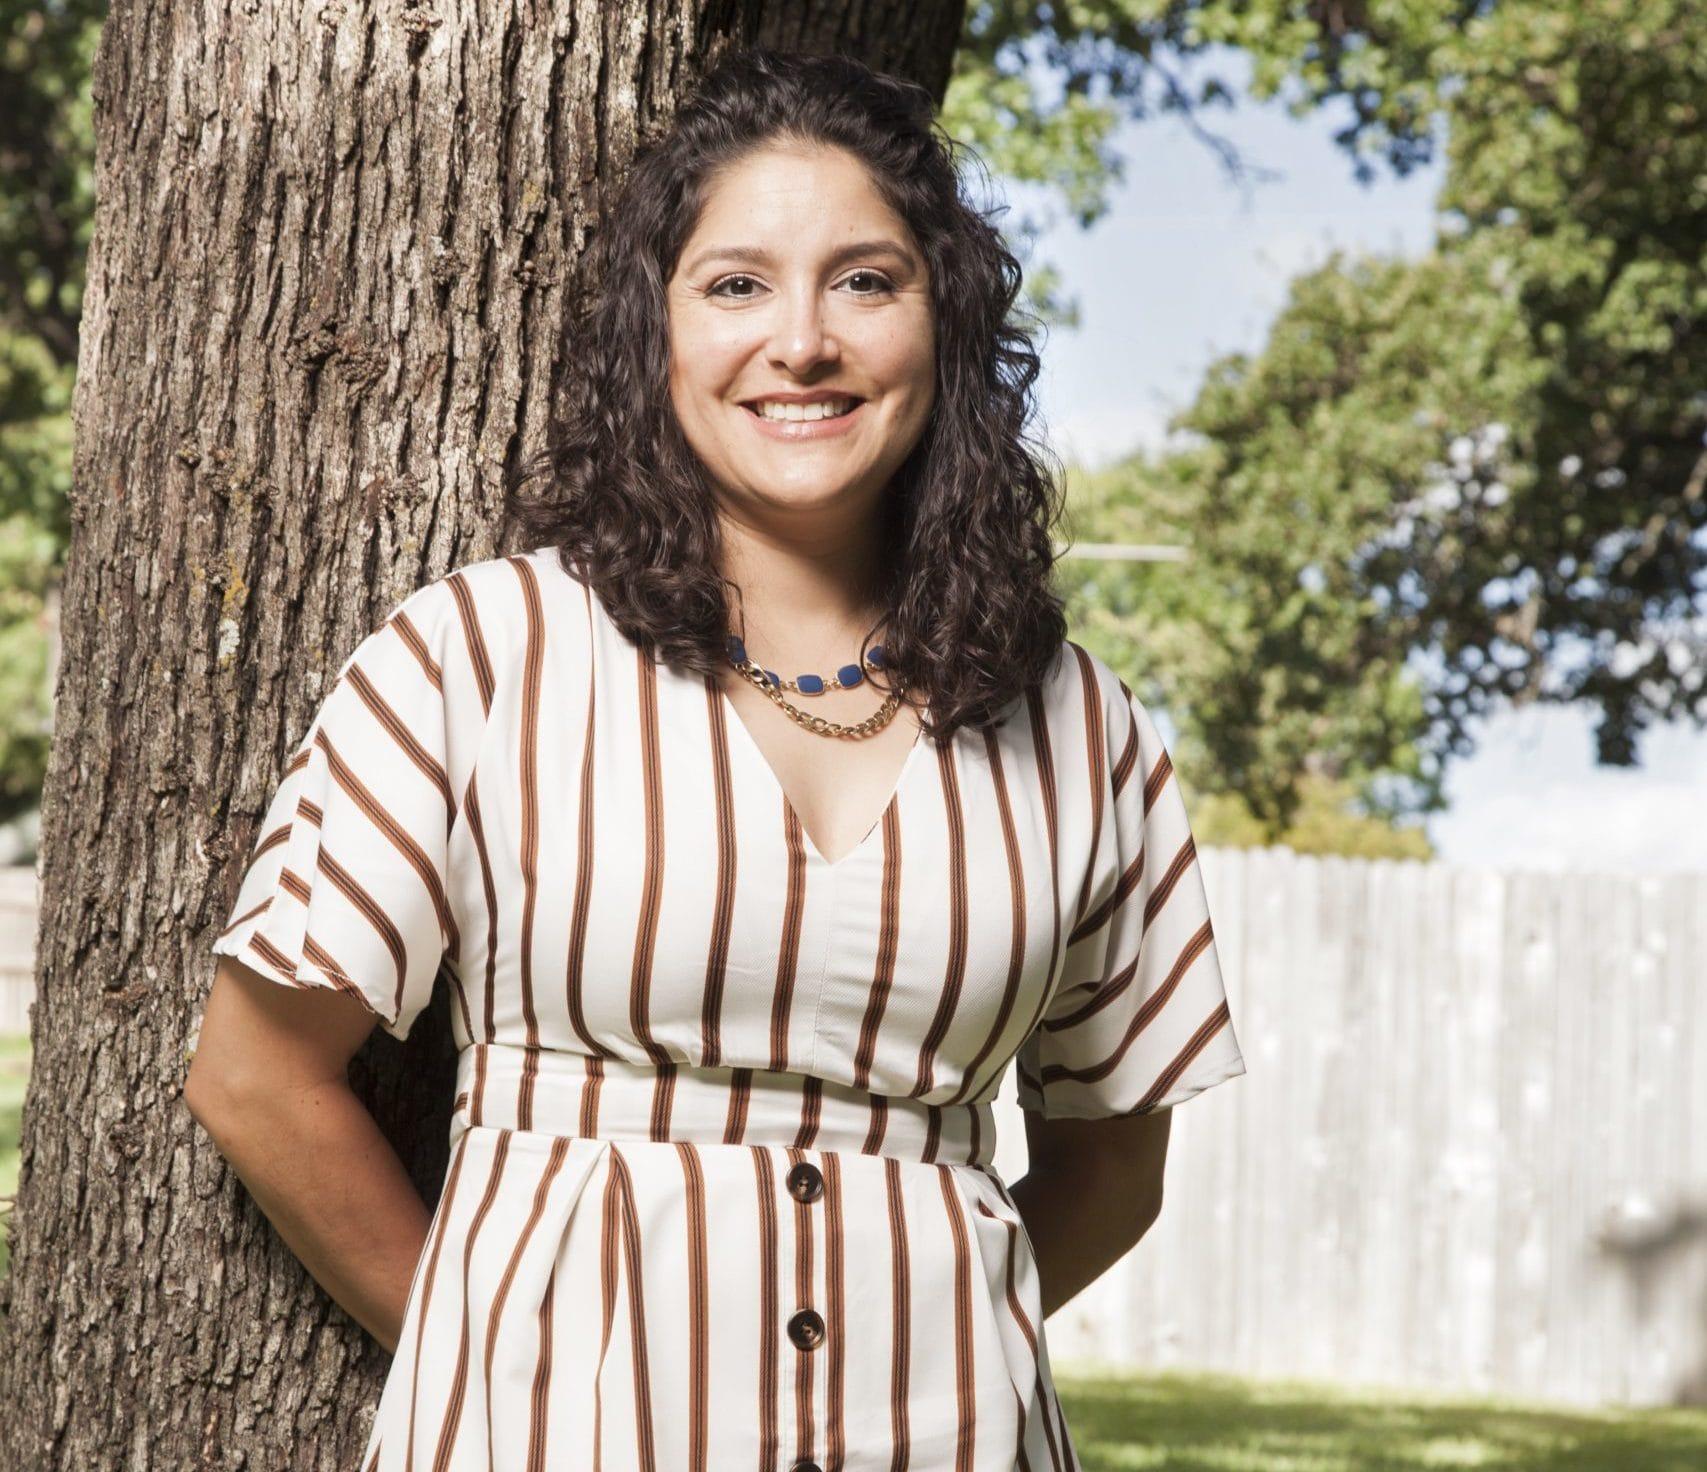 Natalie Lopez Mom Next Door in Arlington